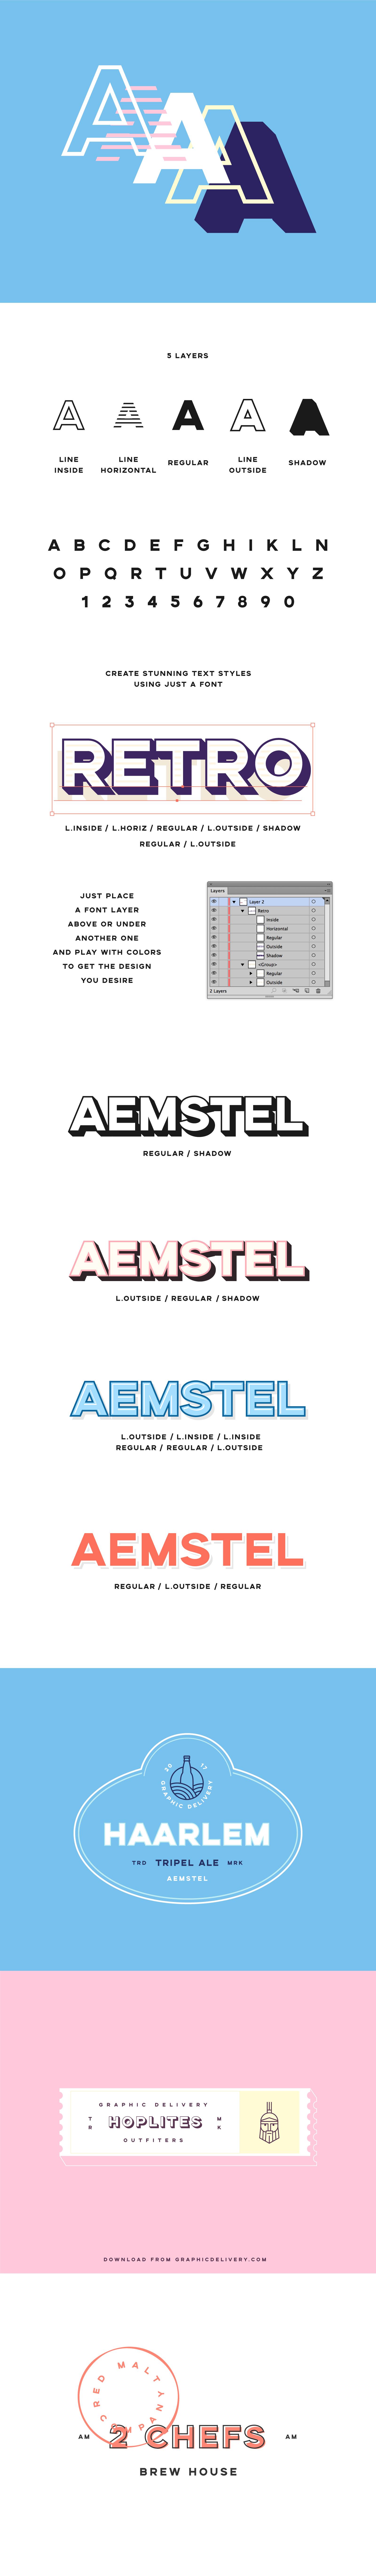 Aemstel-Pres